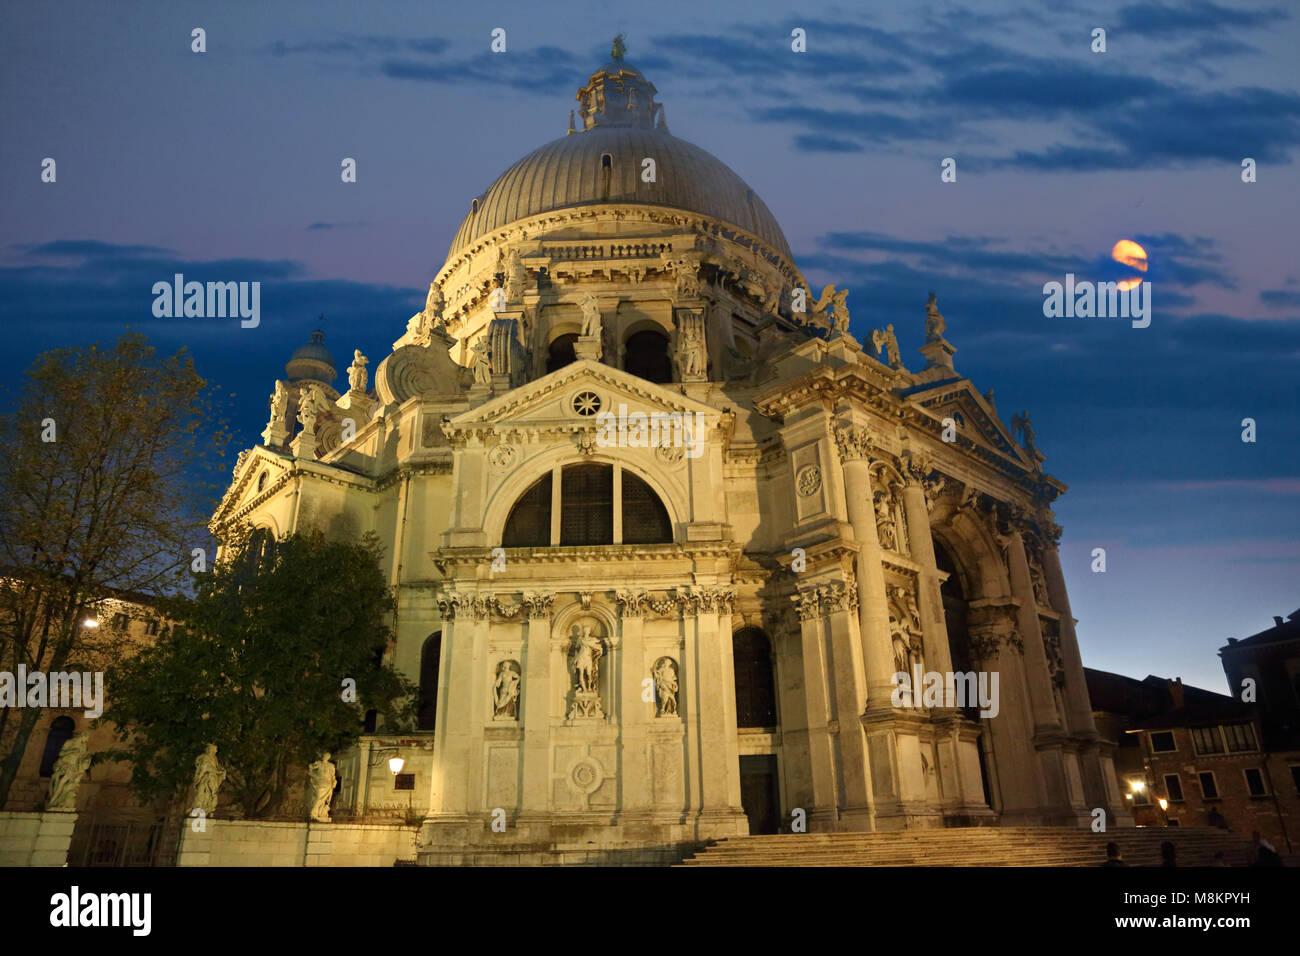 Santa Maria della Salute Cathedral at night - Stock Image